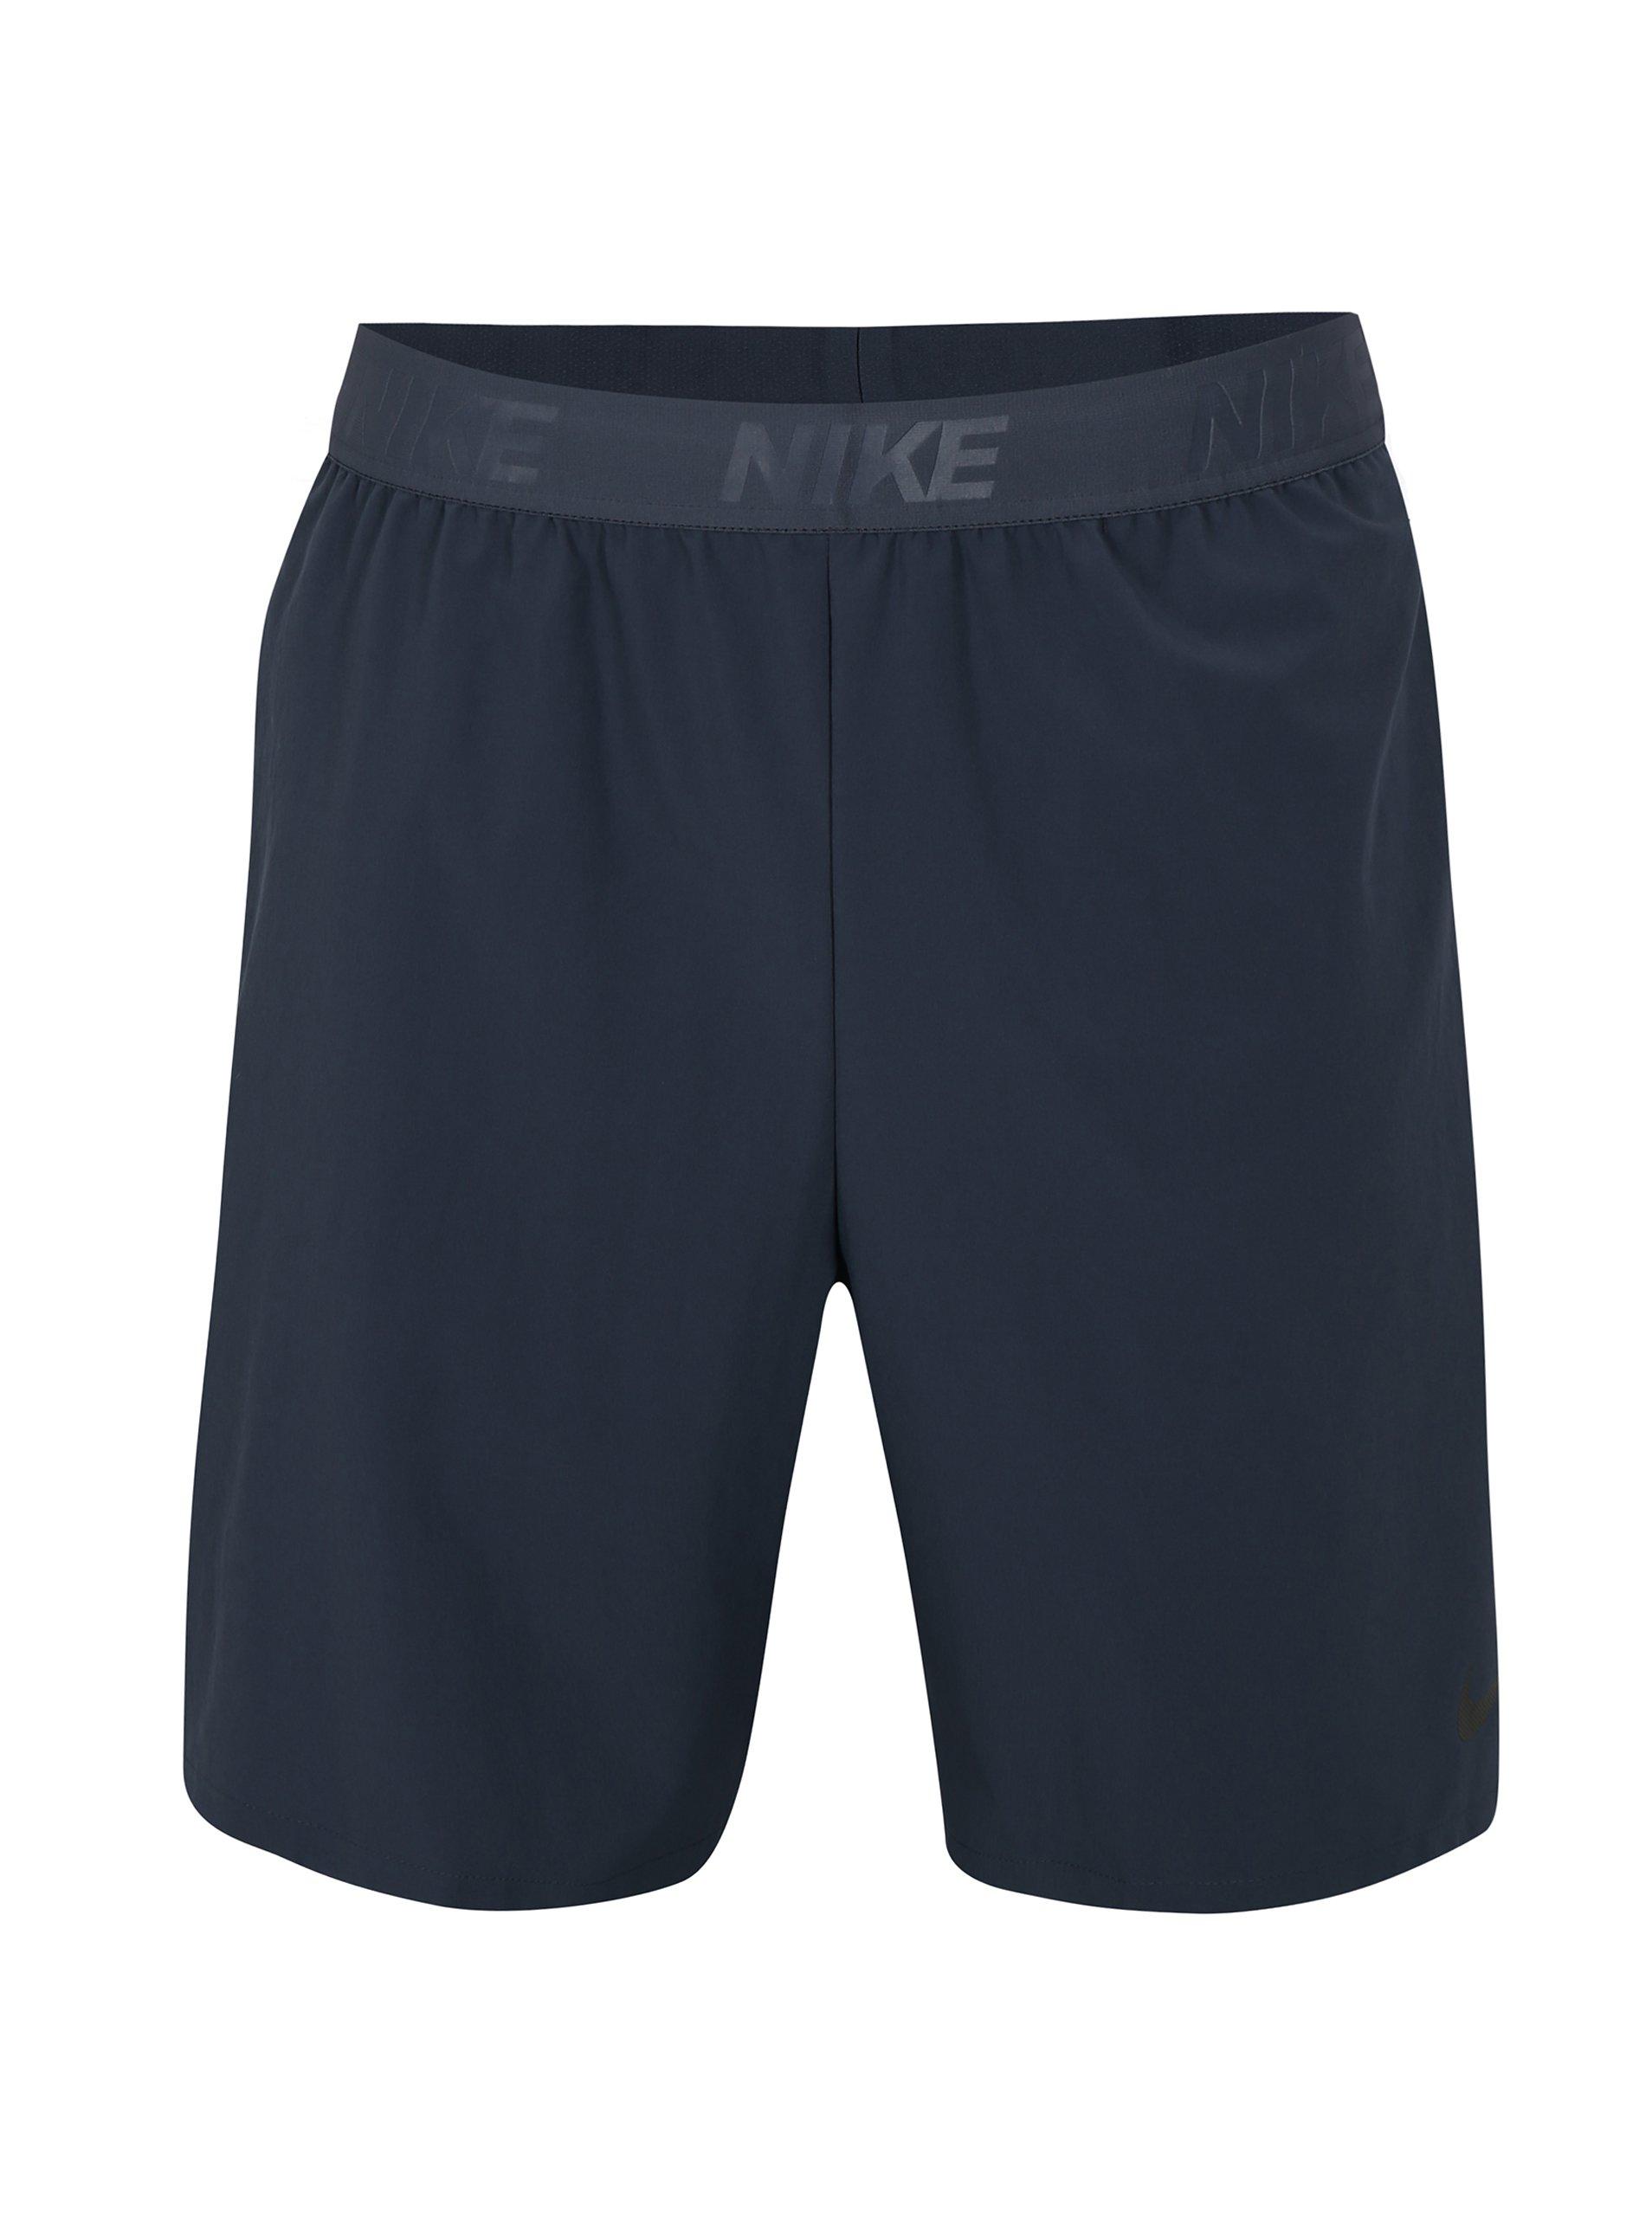 Tmavě modré pánské standart fit kraťasy Nike Vent Max 2.0